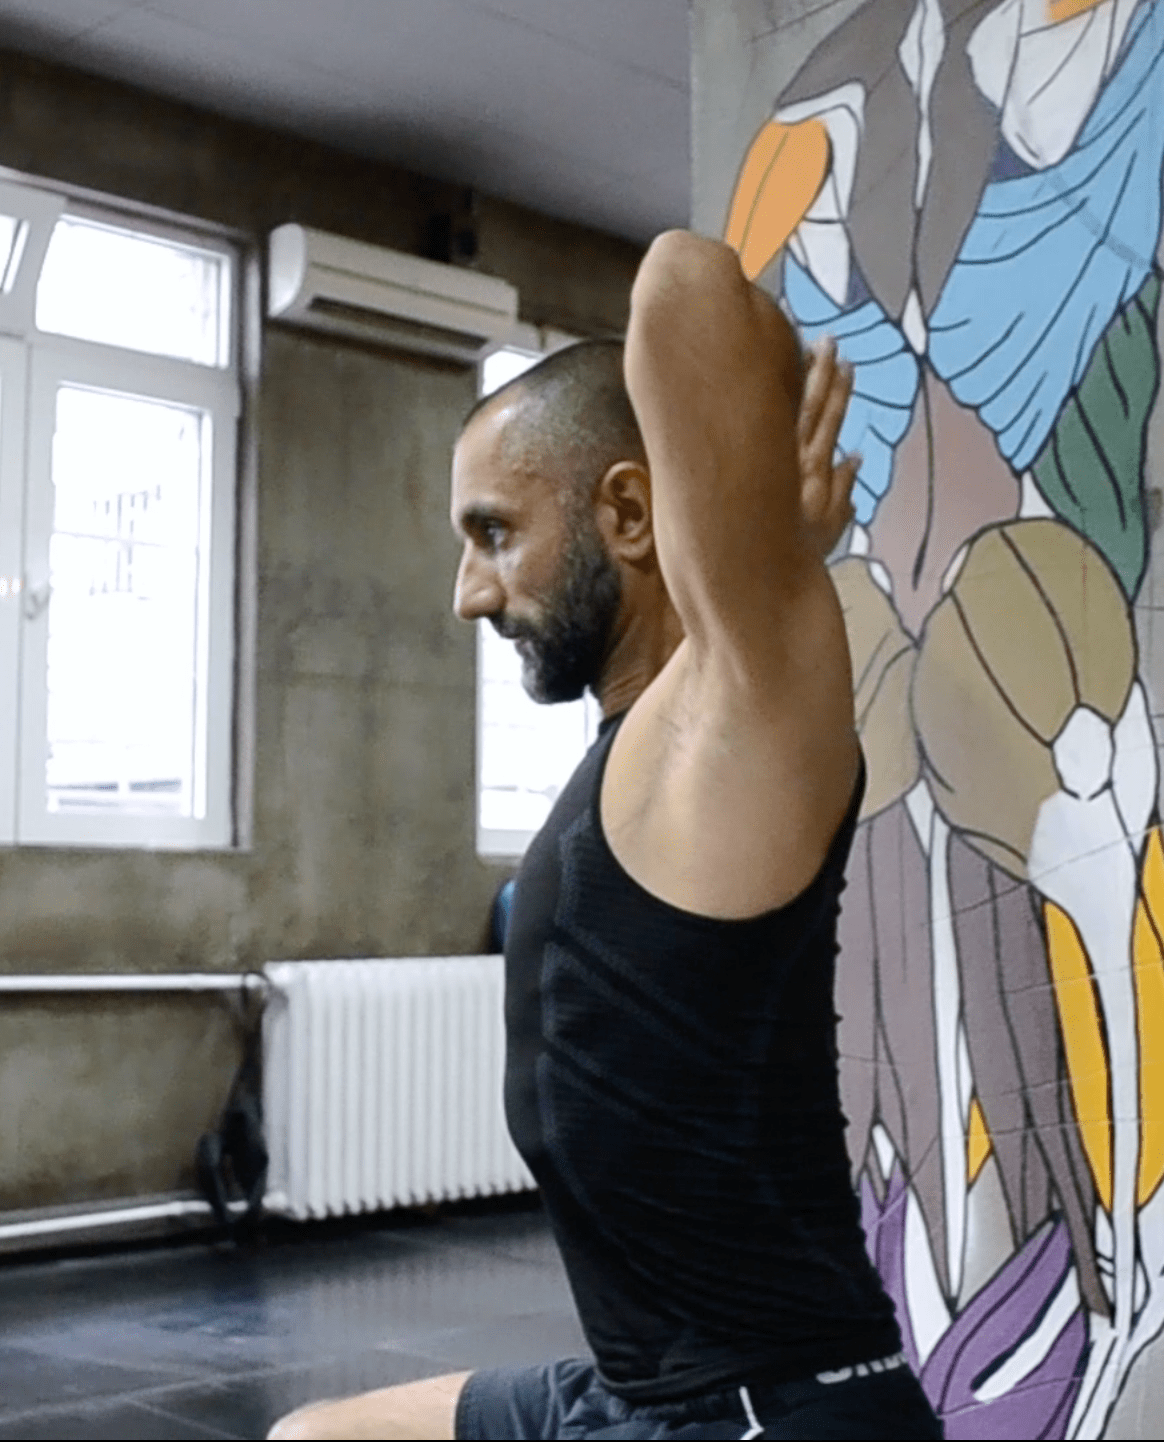 Vežbe za bol u gornjem delu leđa koje možete da radite i u kancelariji